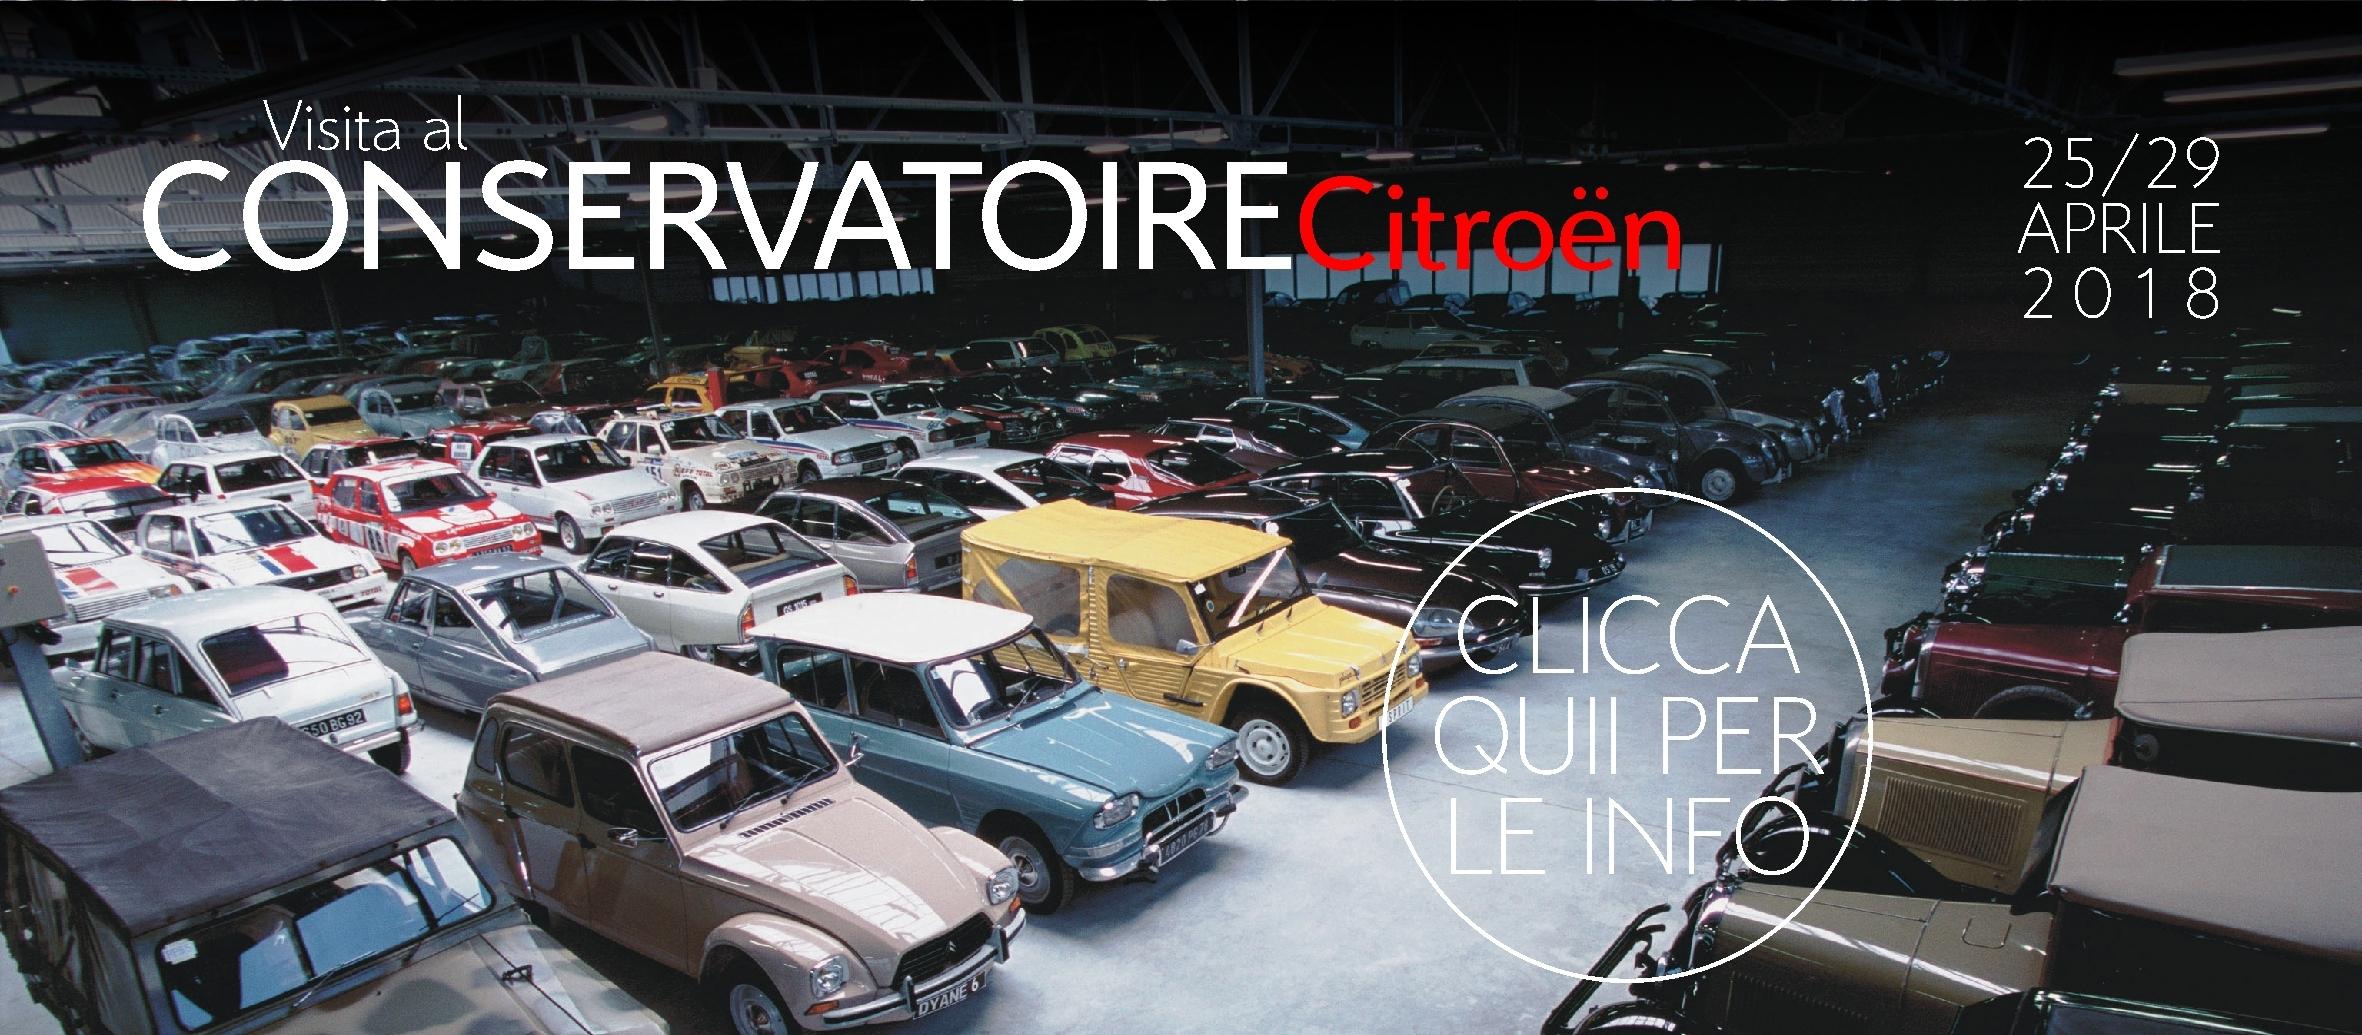 Visita al Conservatoire Citroën - clicca per info